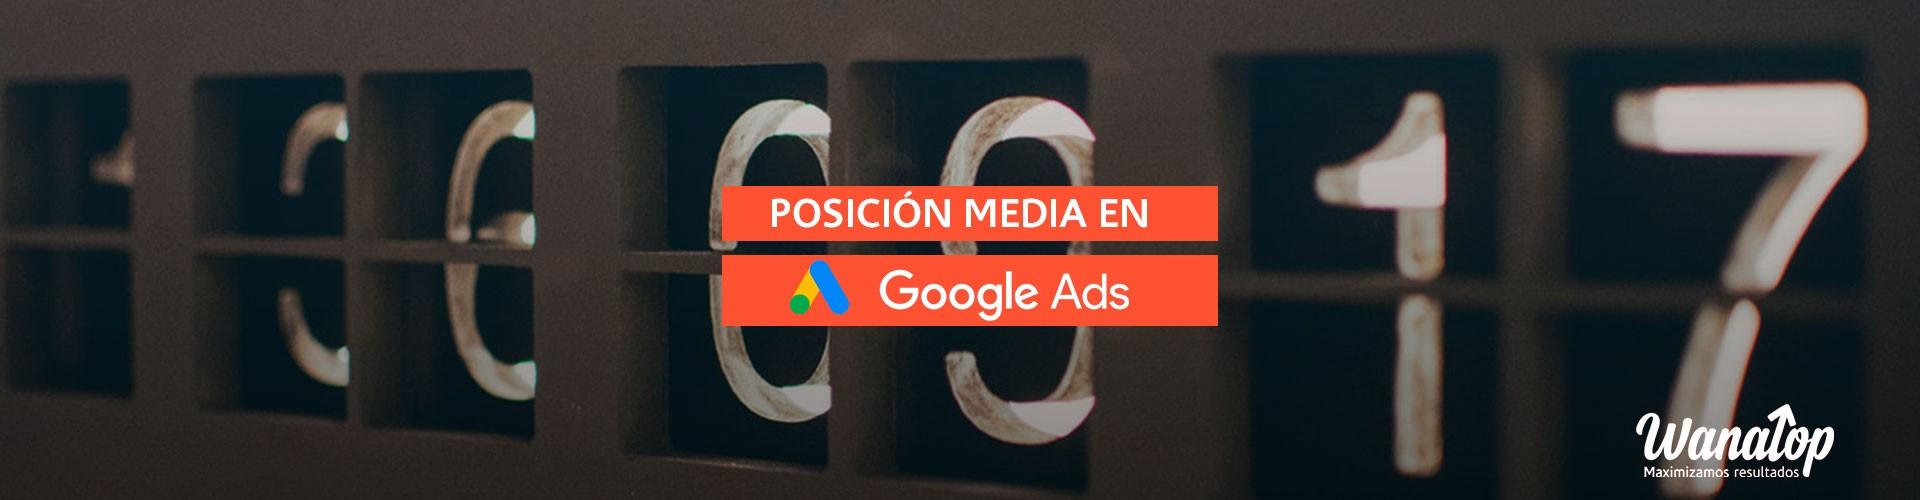 Fin de la métrica posición media en Google Ads